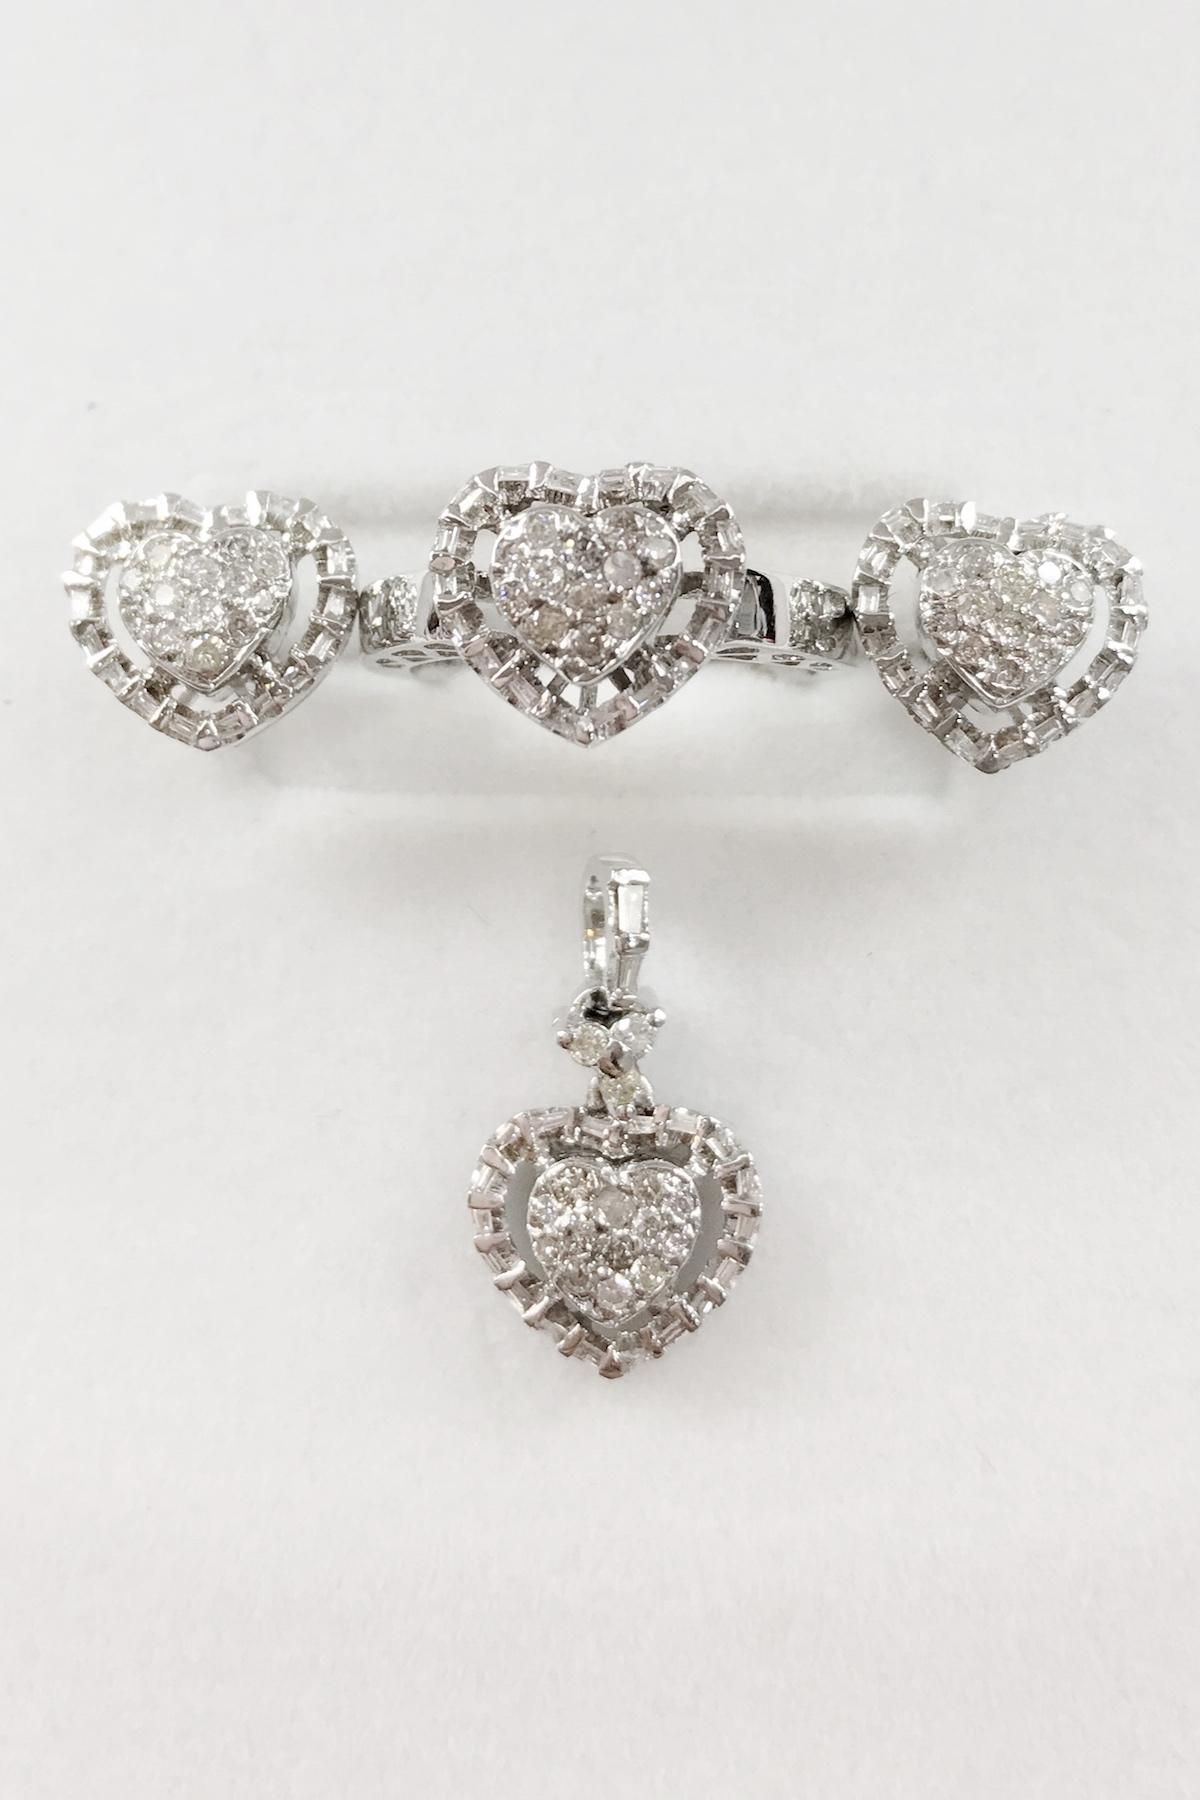 Diamonds set in 14k White Gold